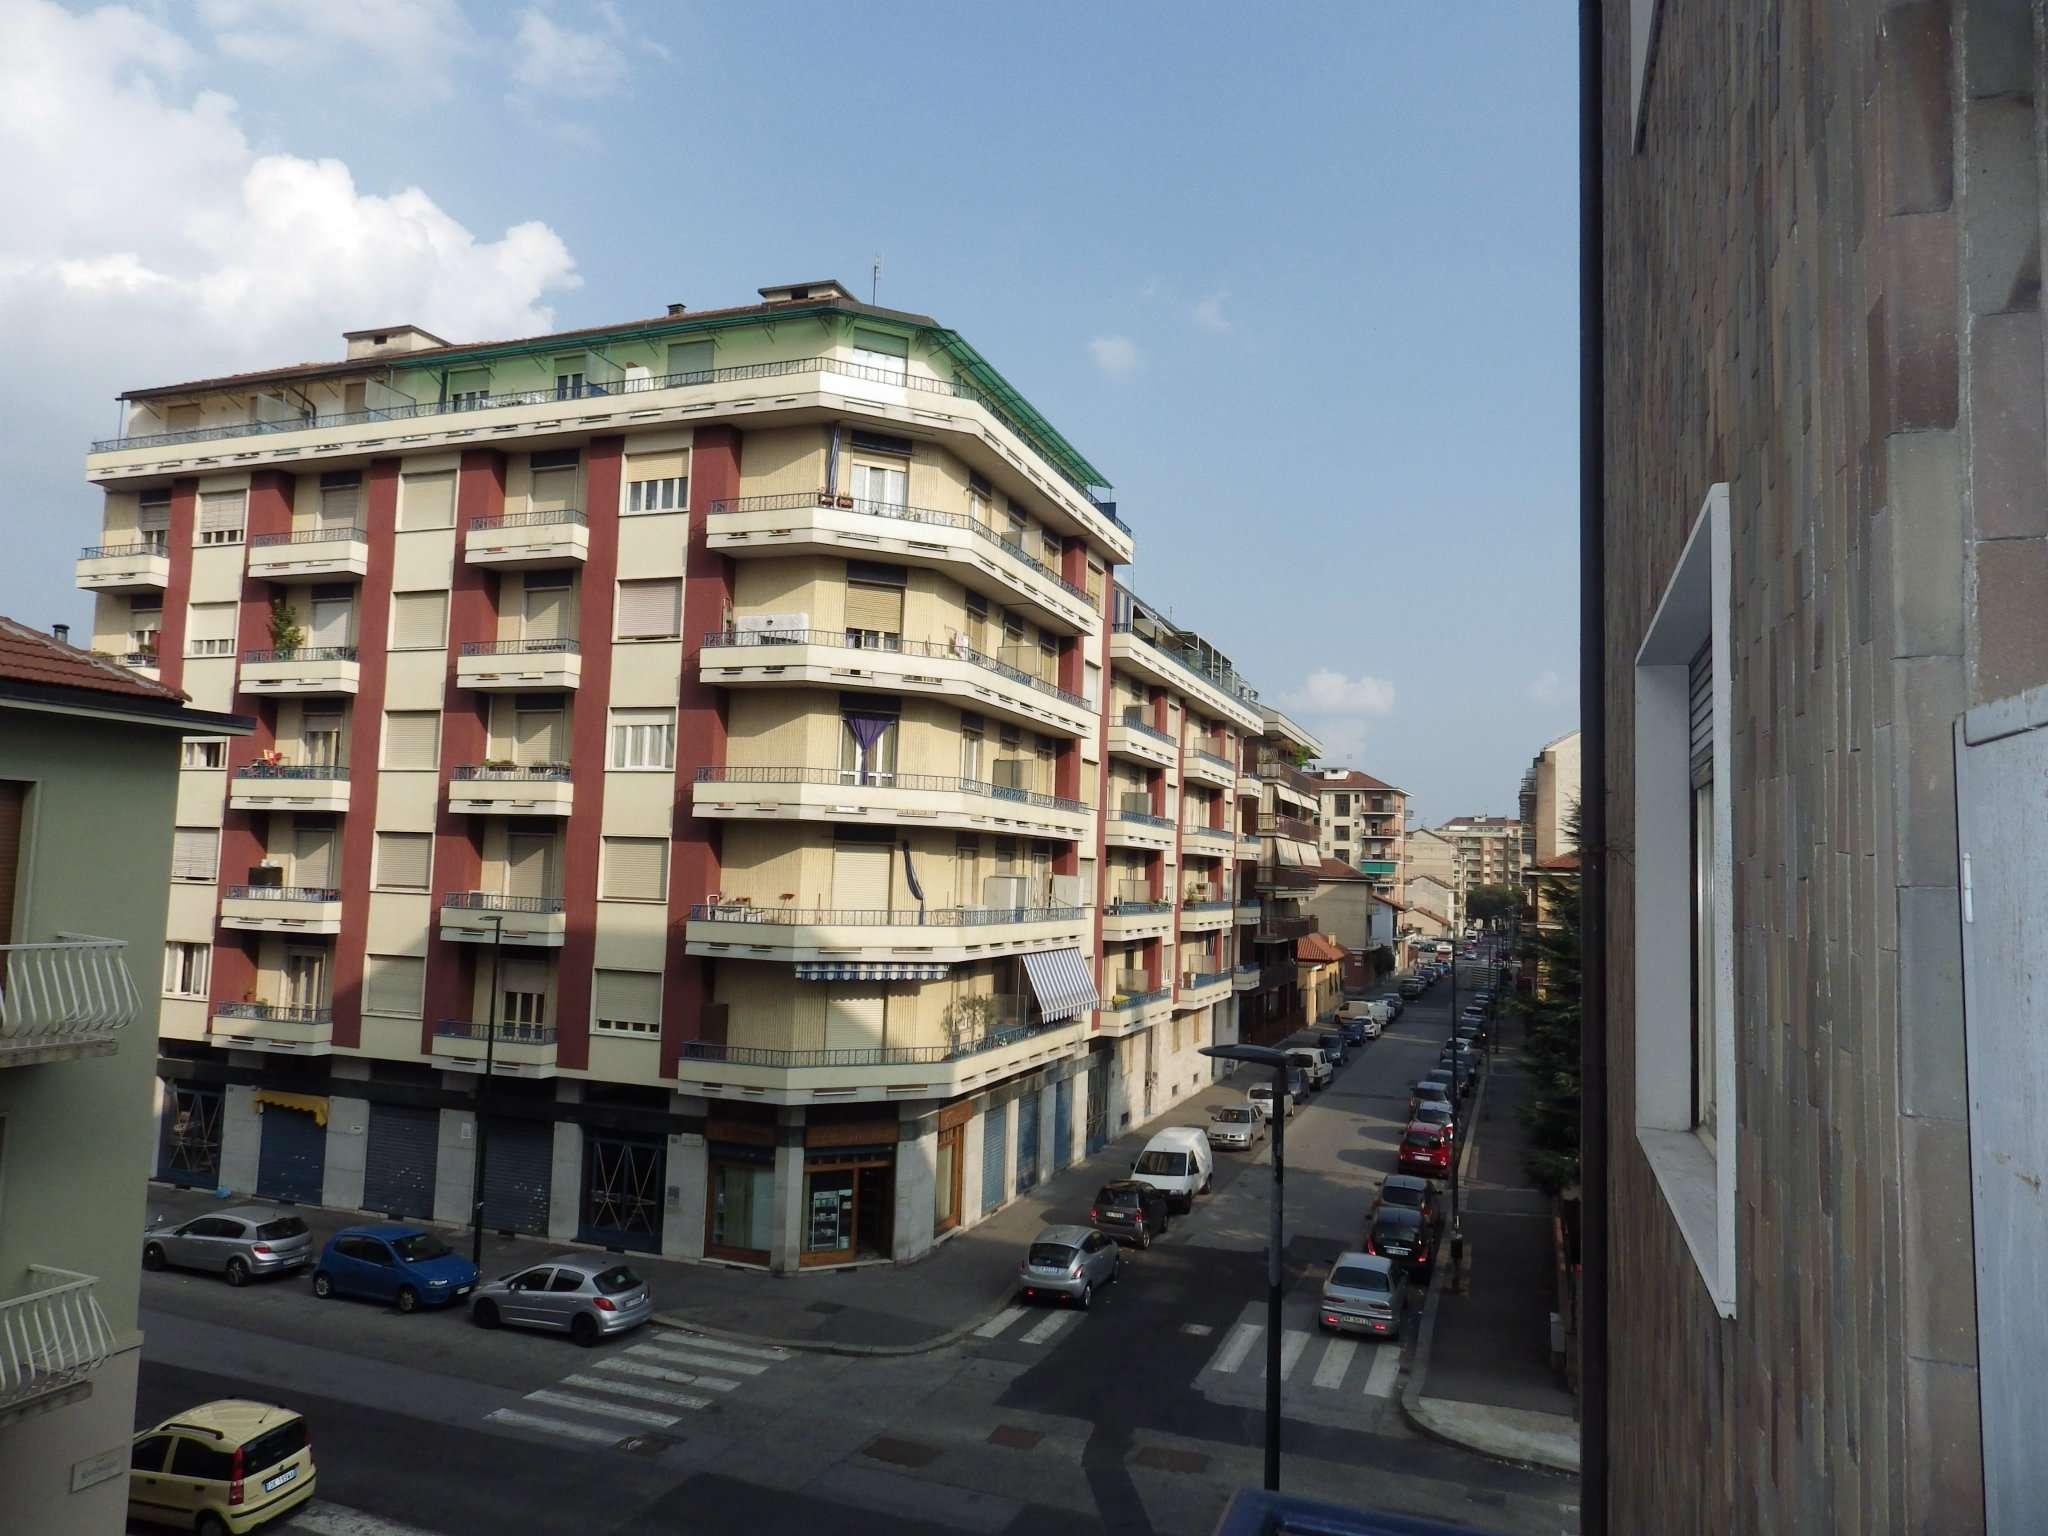 Bilocale Torino Via Borsi * 3